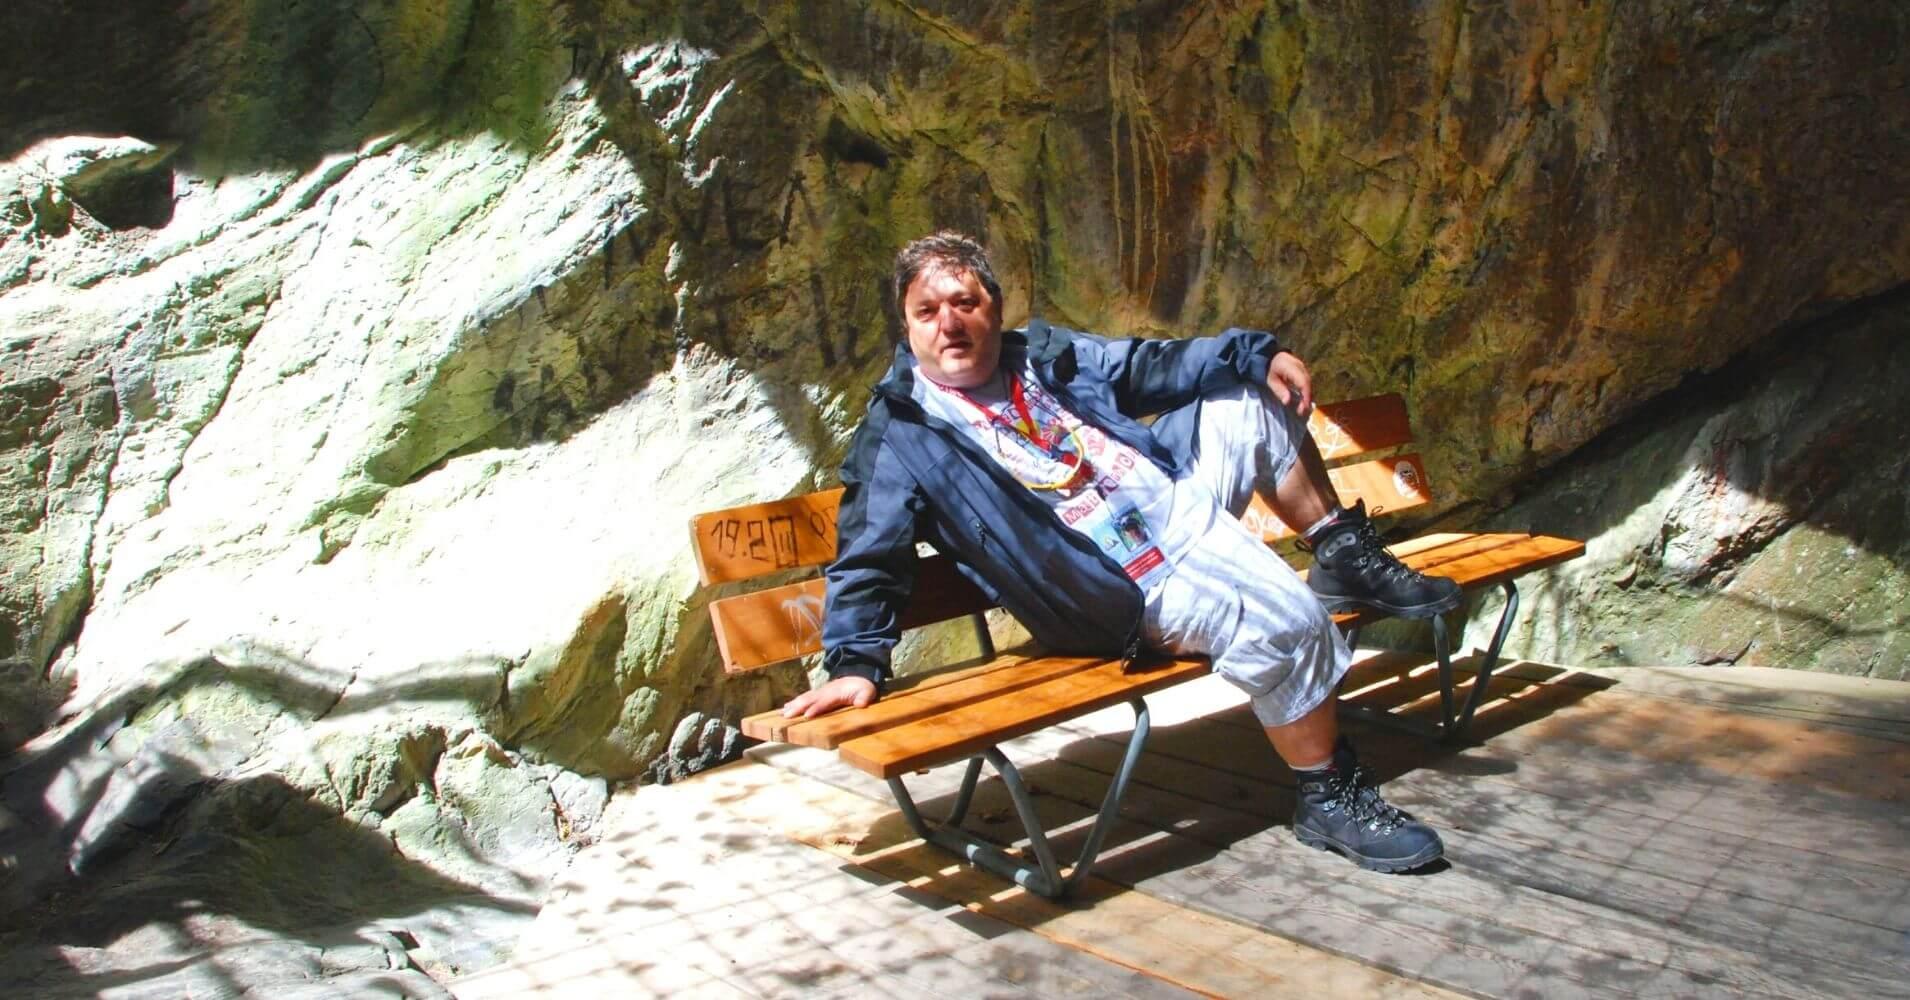 Descanso en les Gorges du Trient. Valais, Suiza.